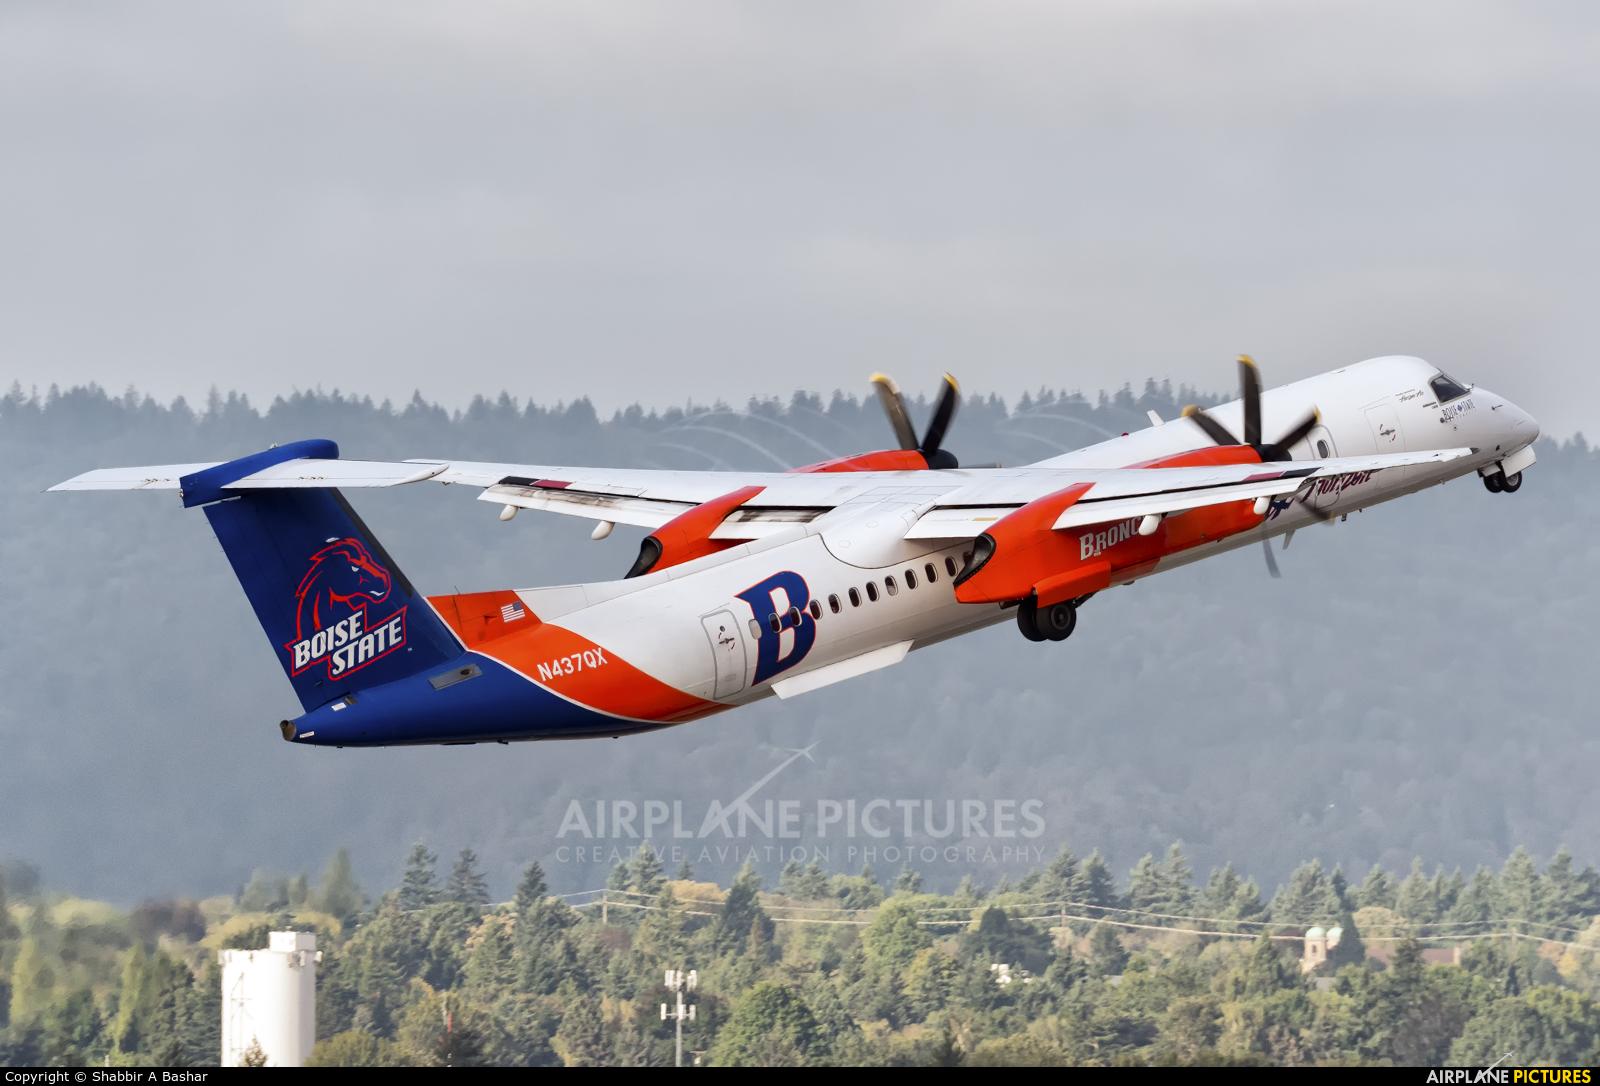 Alaska Airlines - Horizon Air N437QX aircraft at Portland